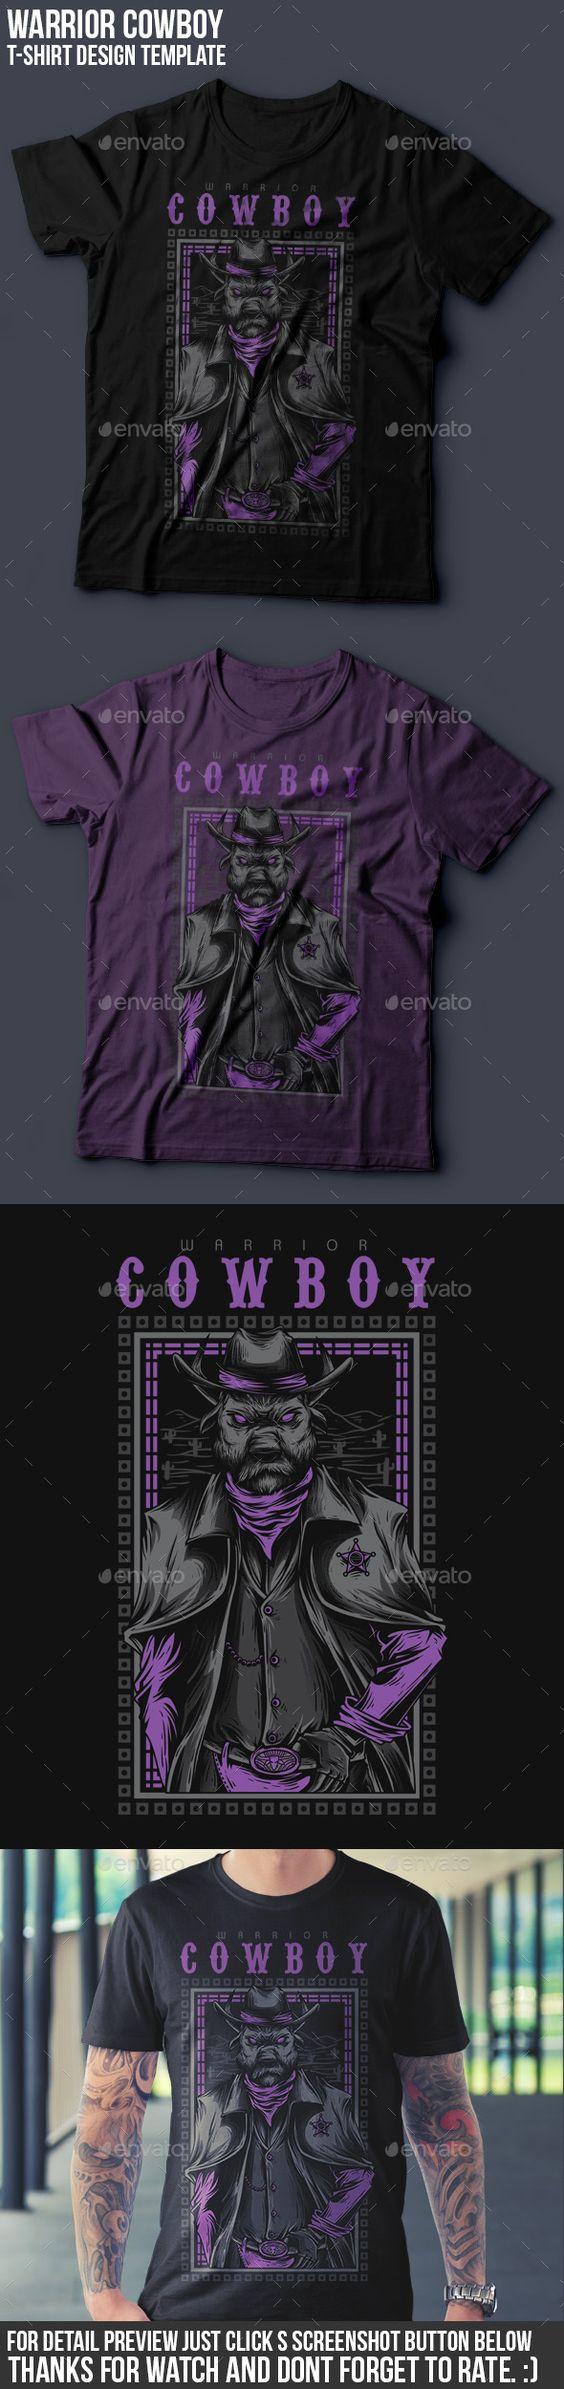 Shirt design resolution - Cowboy Warrior T Shirt Design Grunge Designs